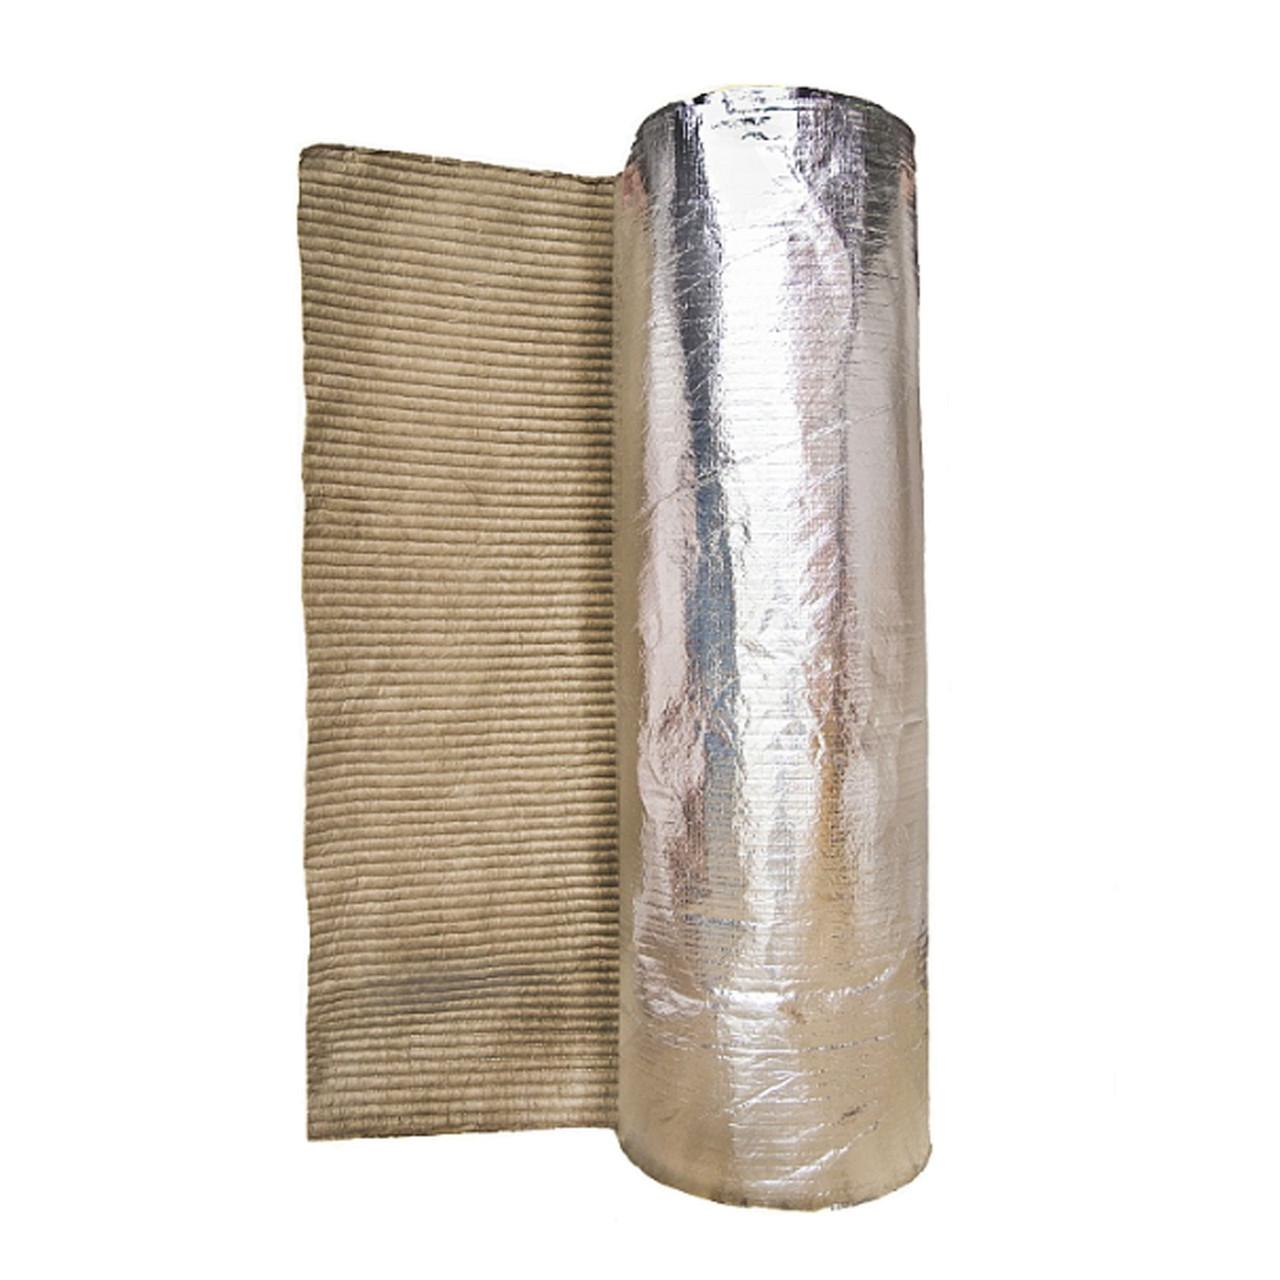 МБОР материал базальтовый огнезащитный рулонный